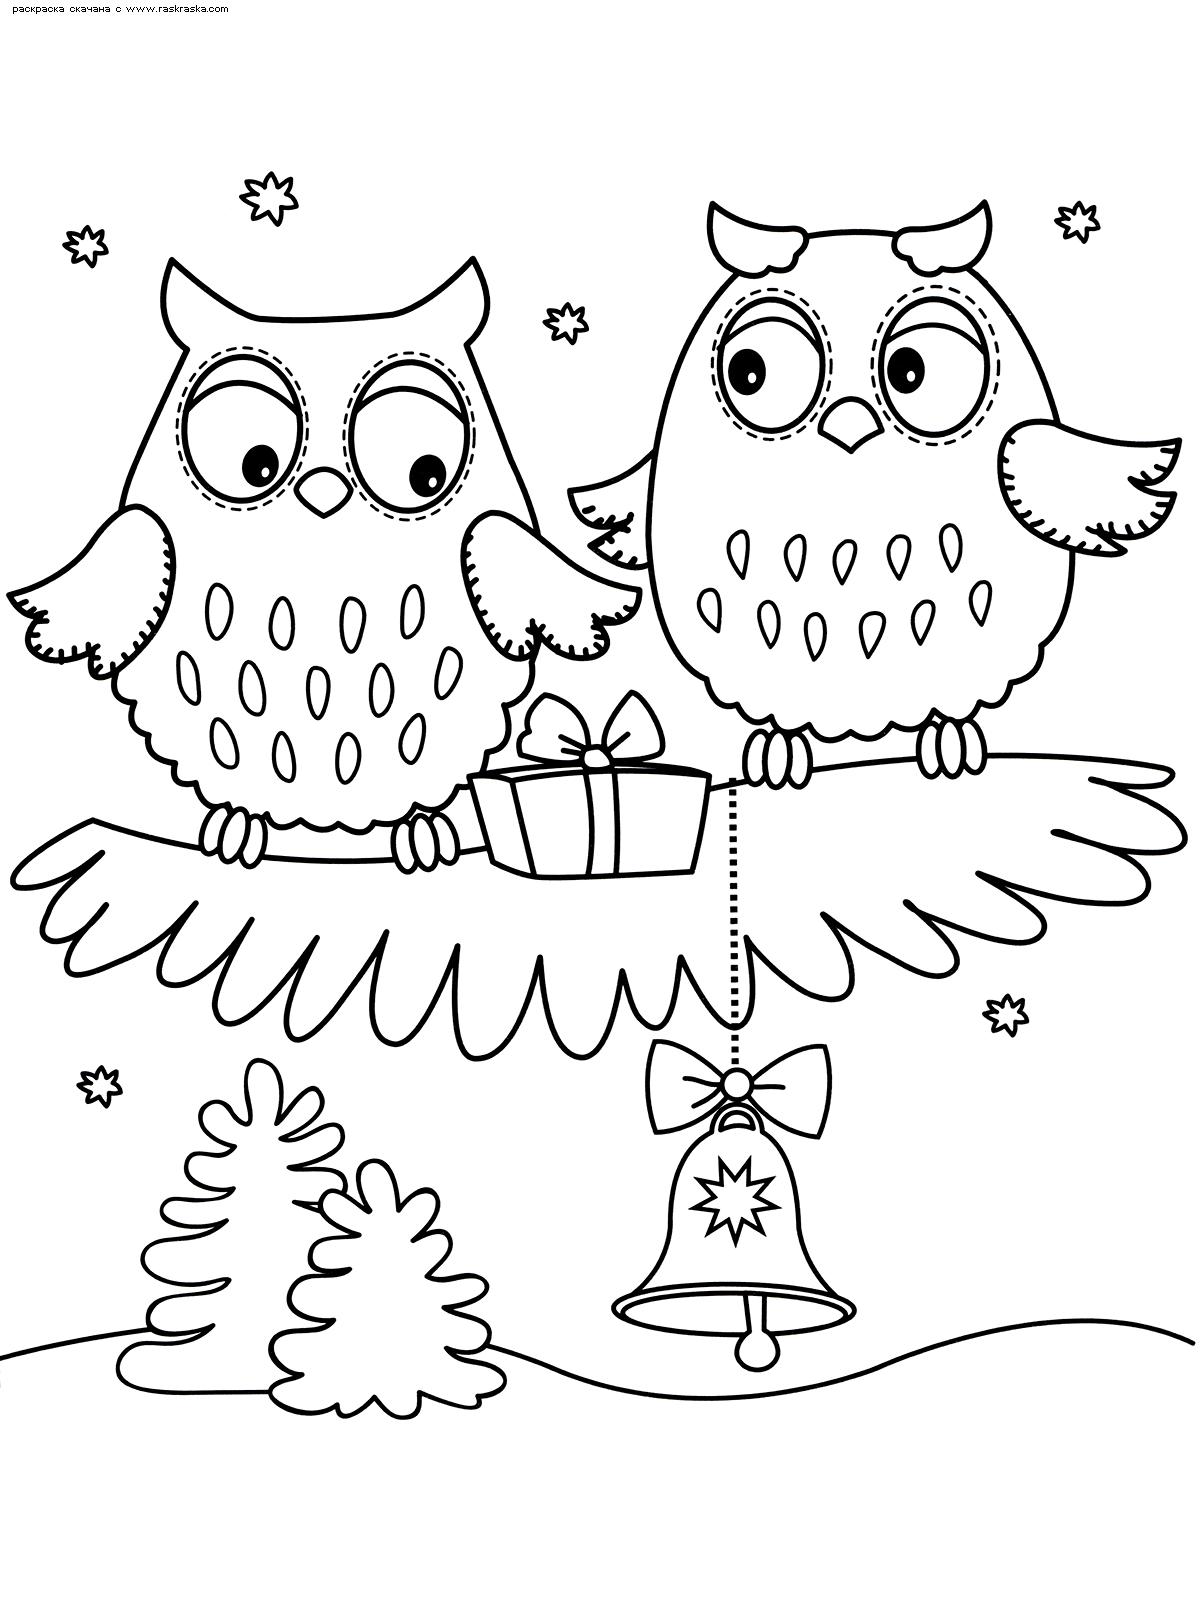 Раскраска Новый год. Раскраска сова, подарок, колокольчик, зима